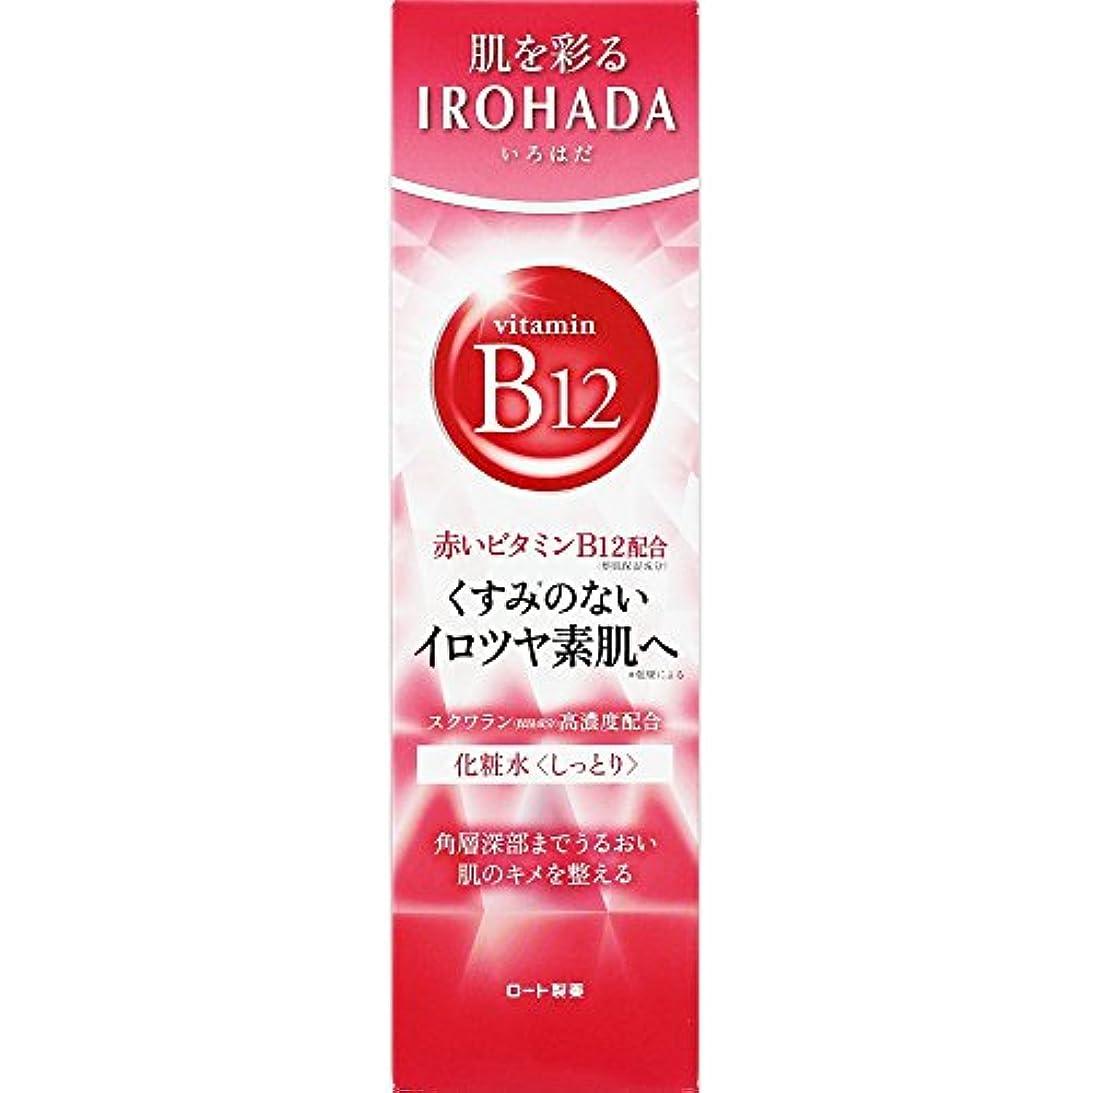 複製スクリーチ毒ロート製薬 いろはだ (IROHADA) 赤いビタミンB12×スクワラン配合 化粧水しっとり 160ml